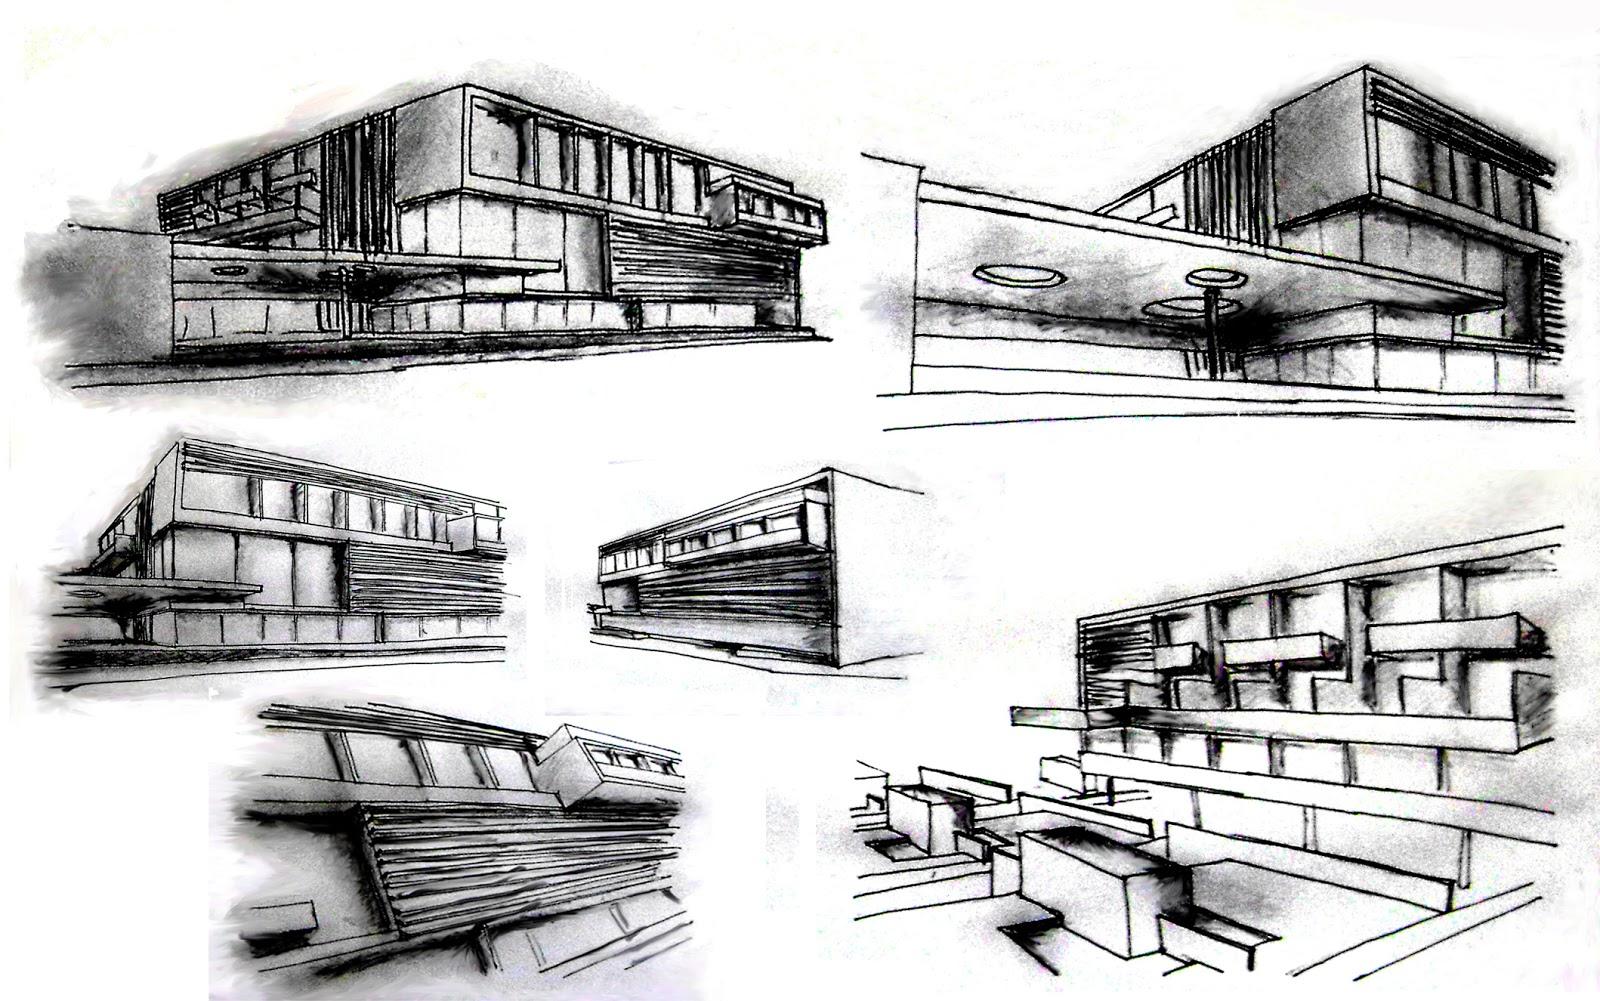 Glc fng sketch conjunto de viviendas palermo - Paginas de viviendas ...